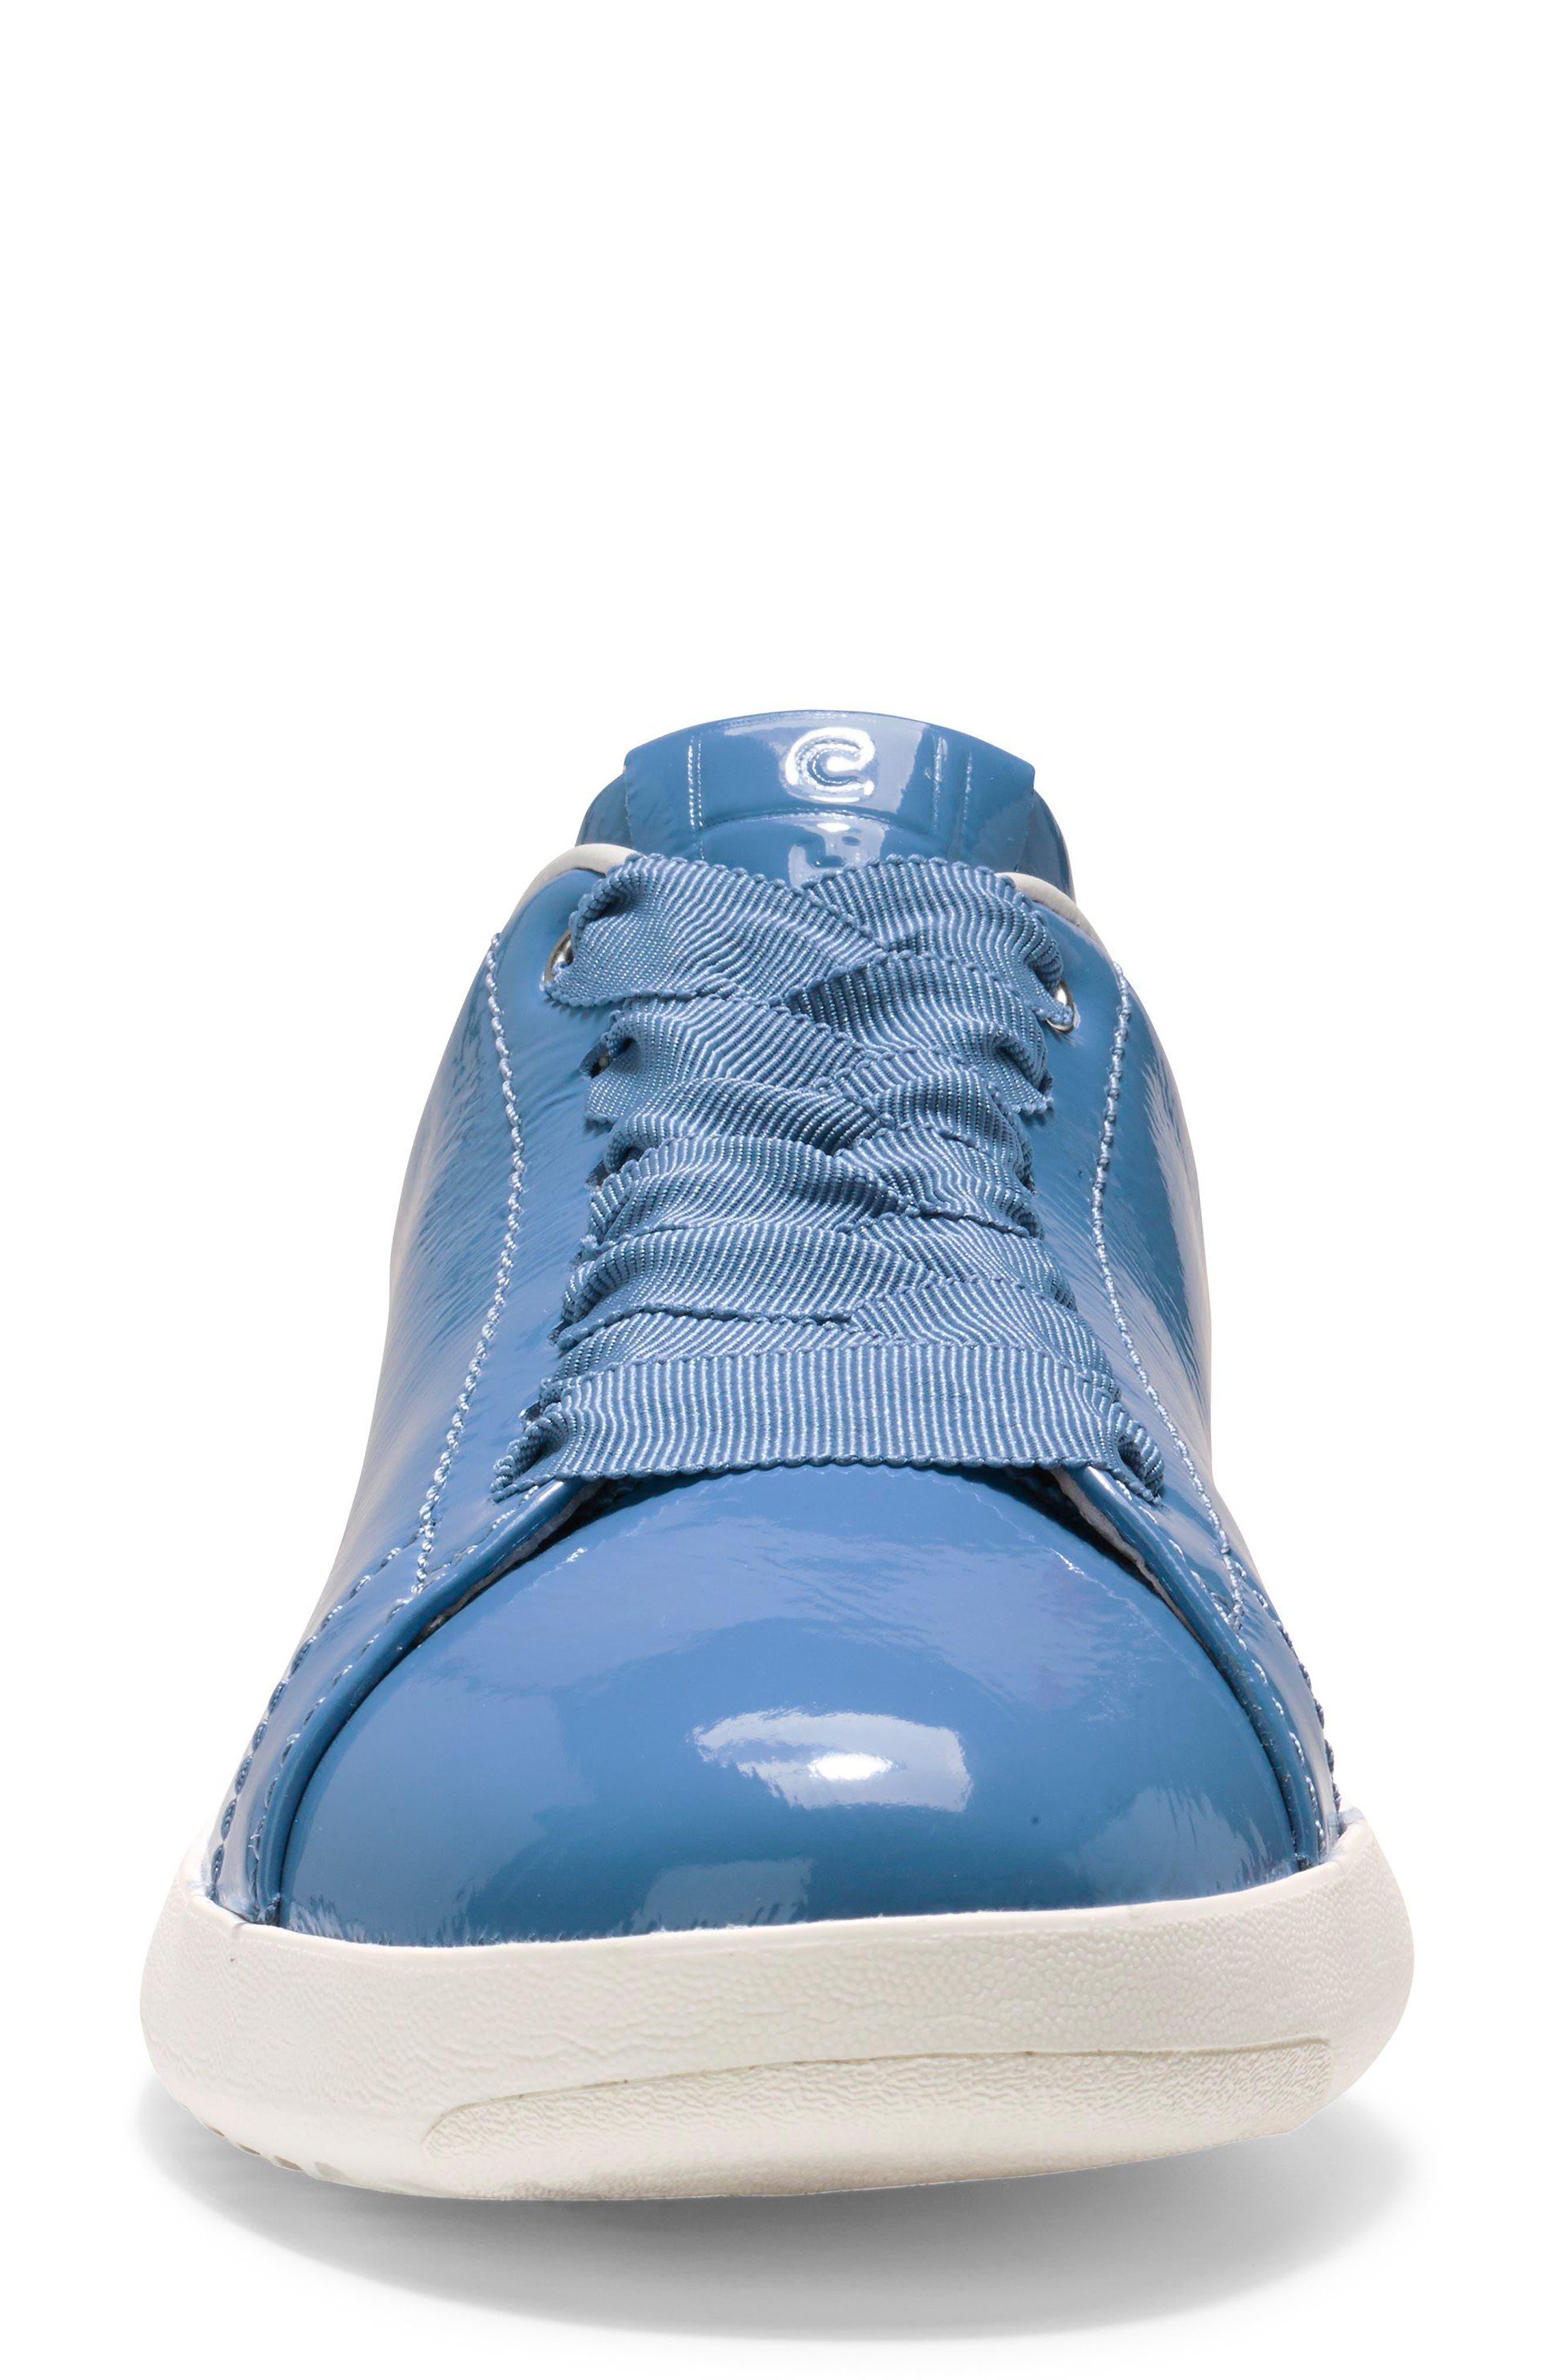 Alternate Image 4  - Cole Haan Grandpro Tennis Shoe (Women)